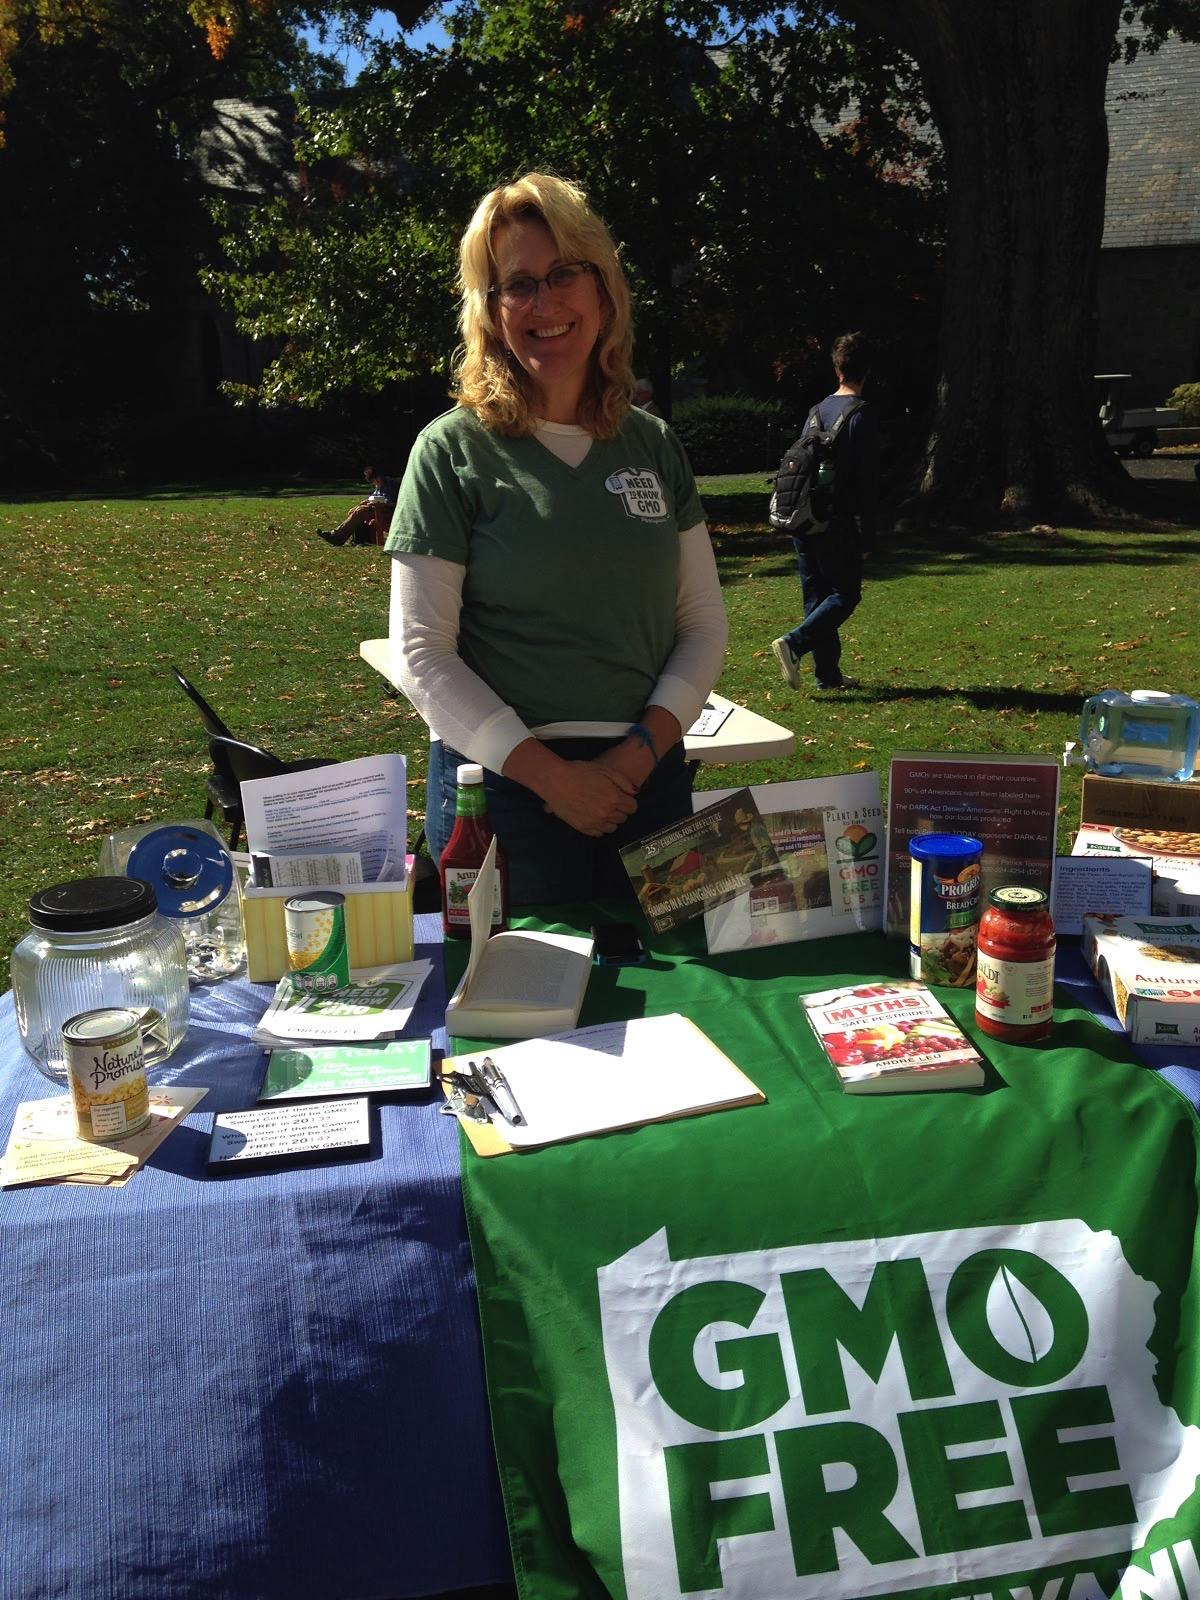 Representative from GMO Free Pennsylvania.